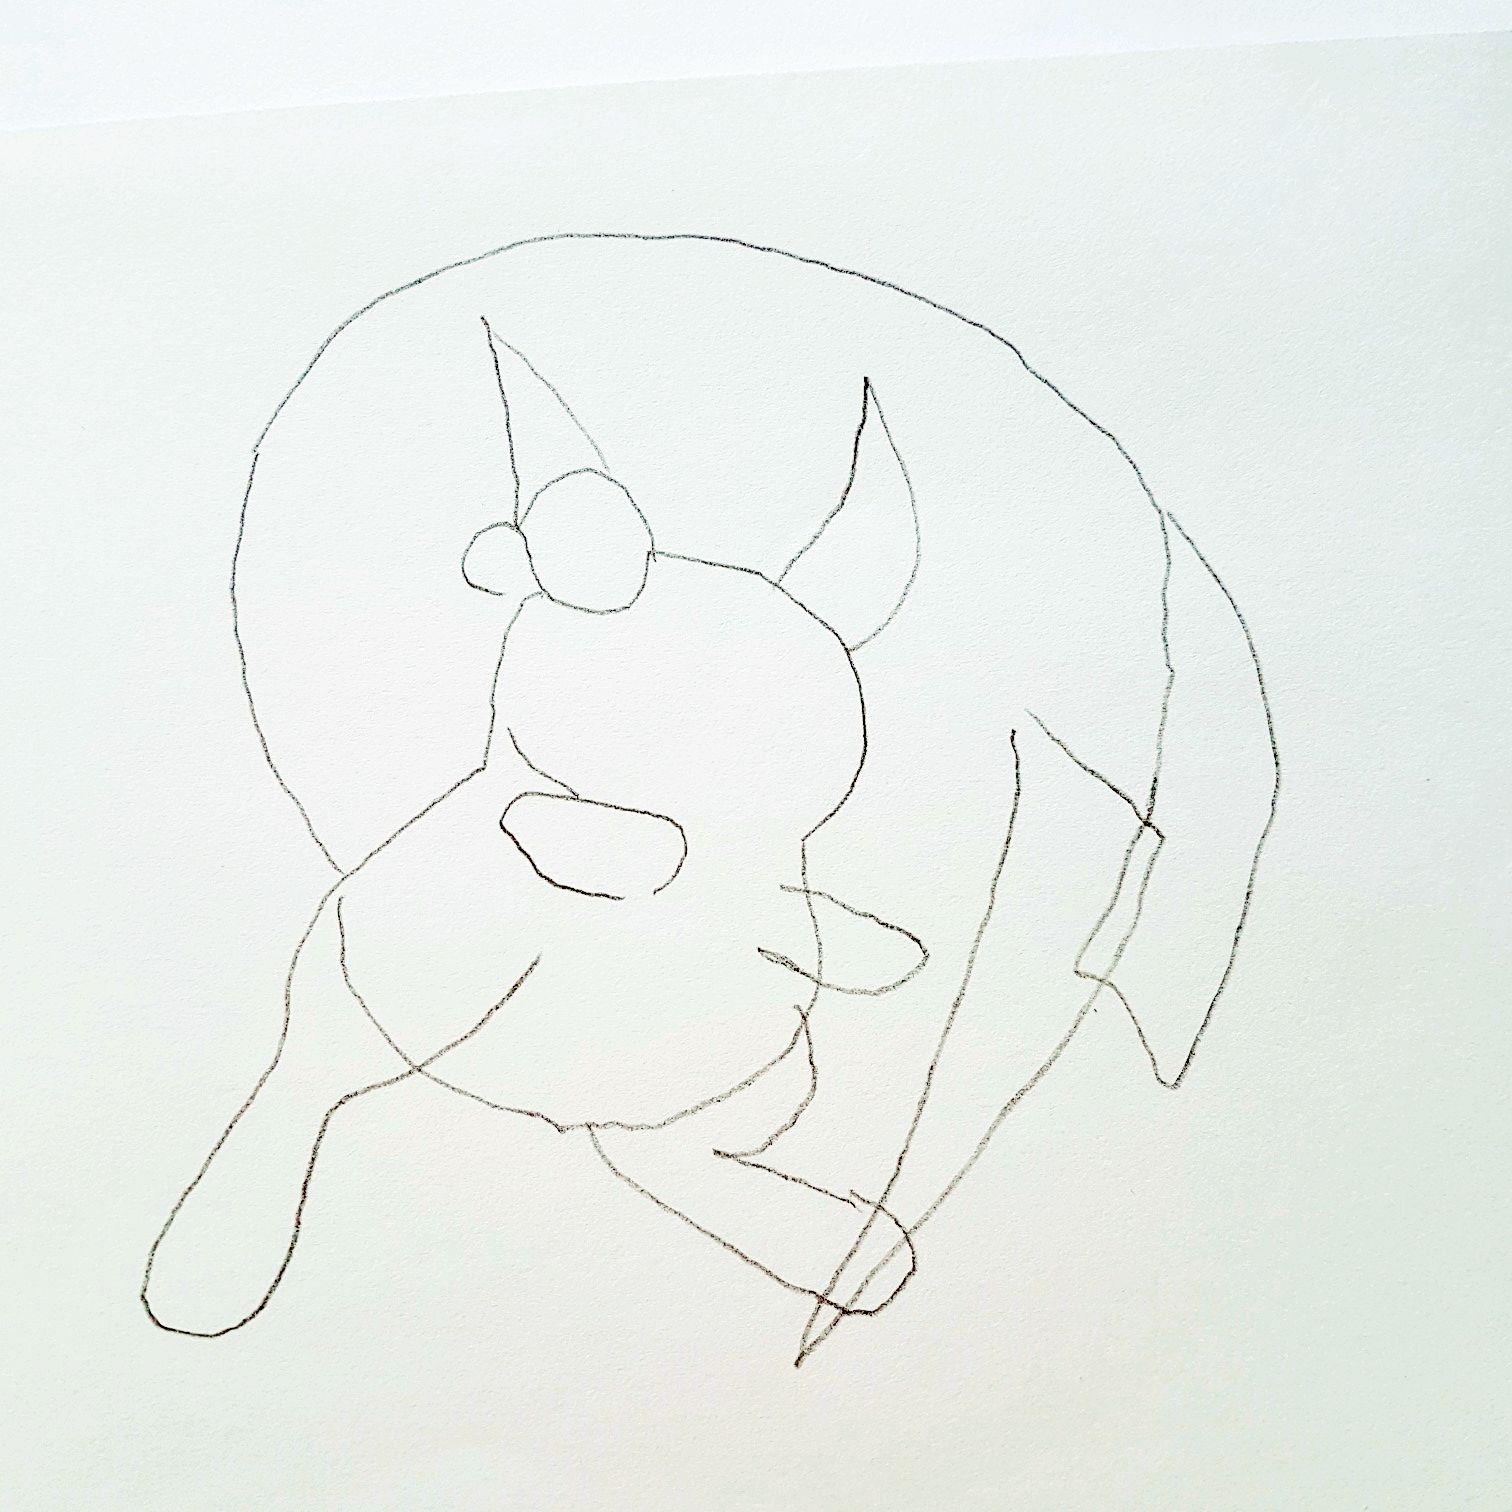 Anleitung zum zeichnen des Pokemon Raichu | Diy & Art | Pinterest ...